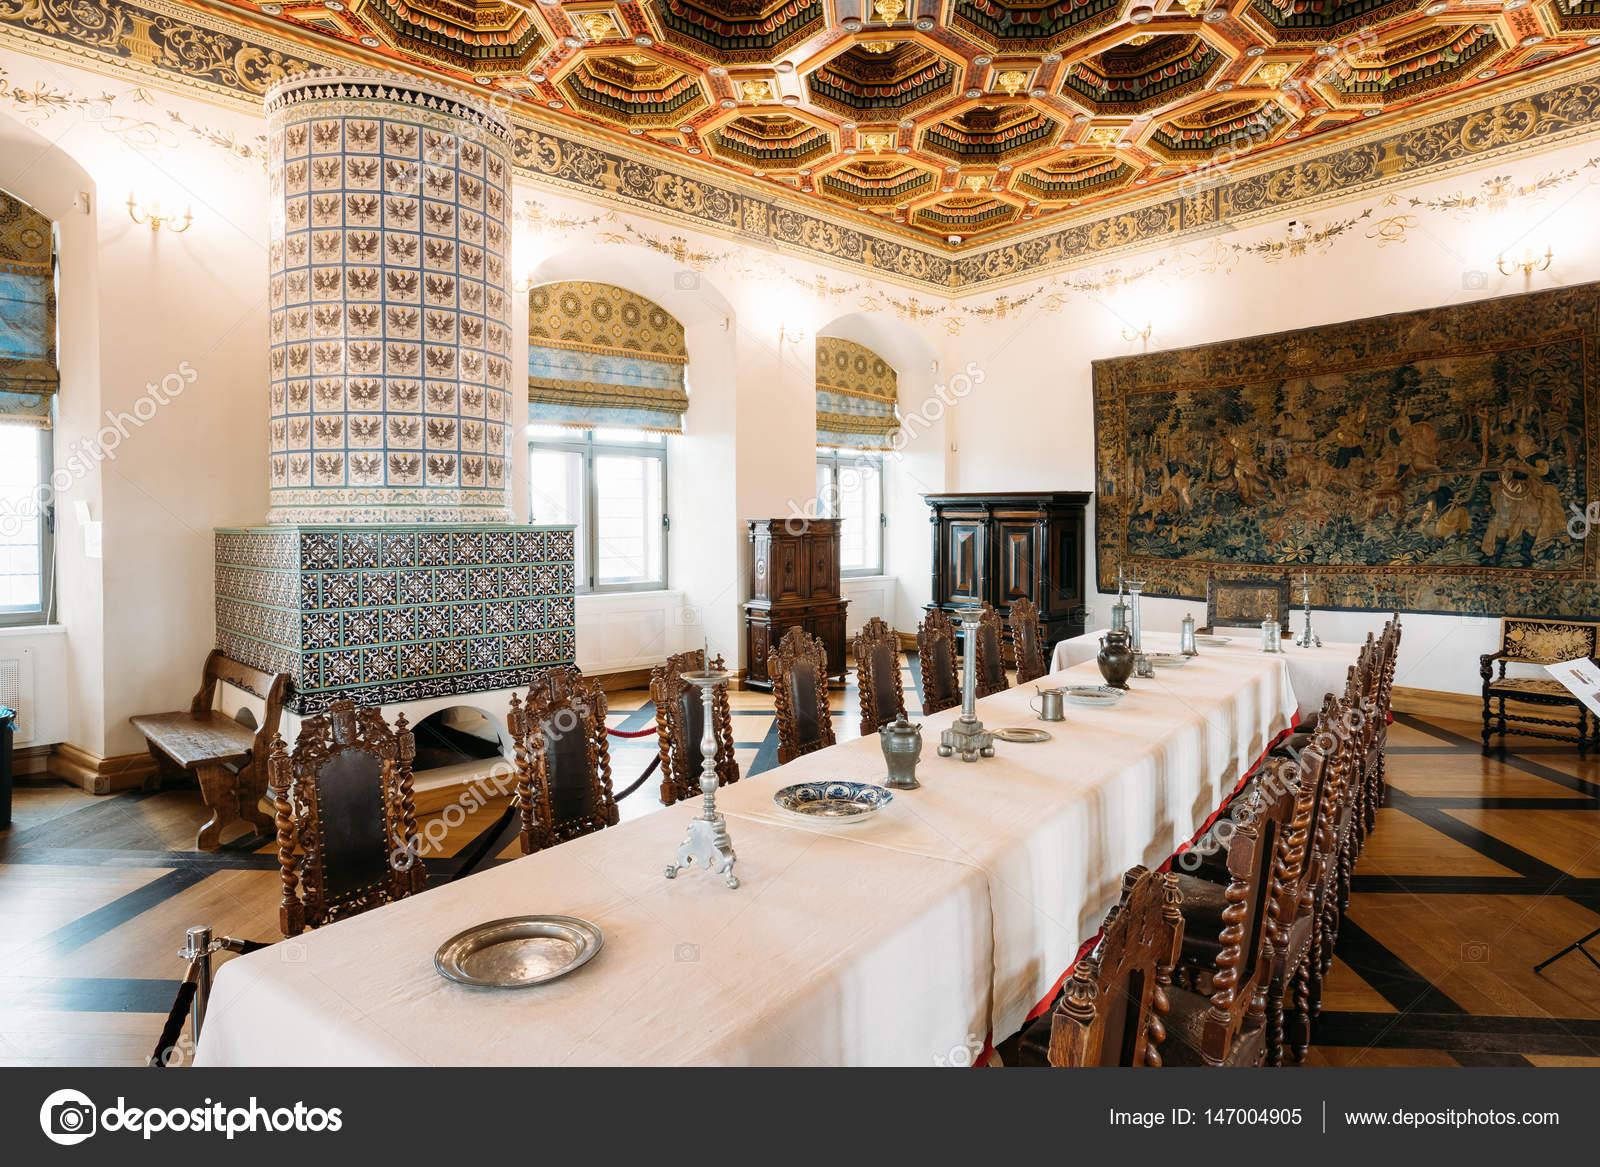 Mir wit rusland expositie de eetkamer izba in het kasteel